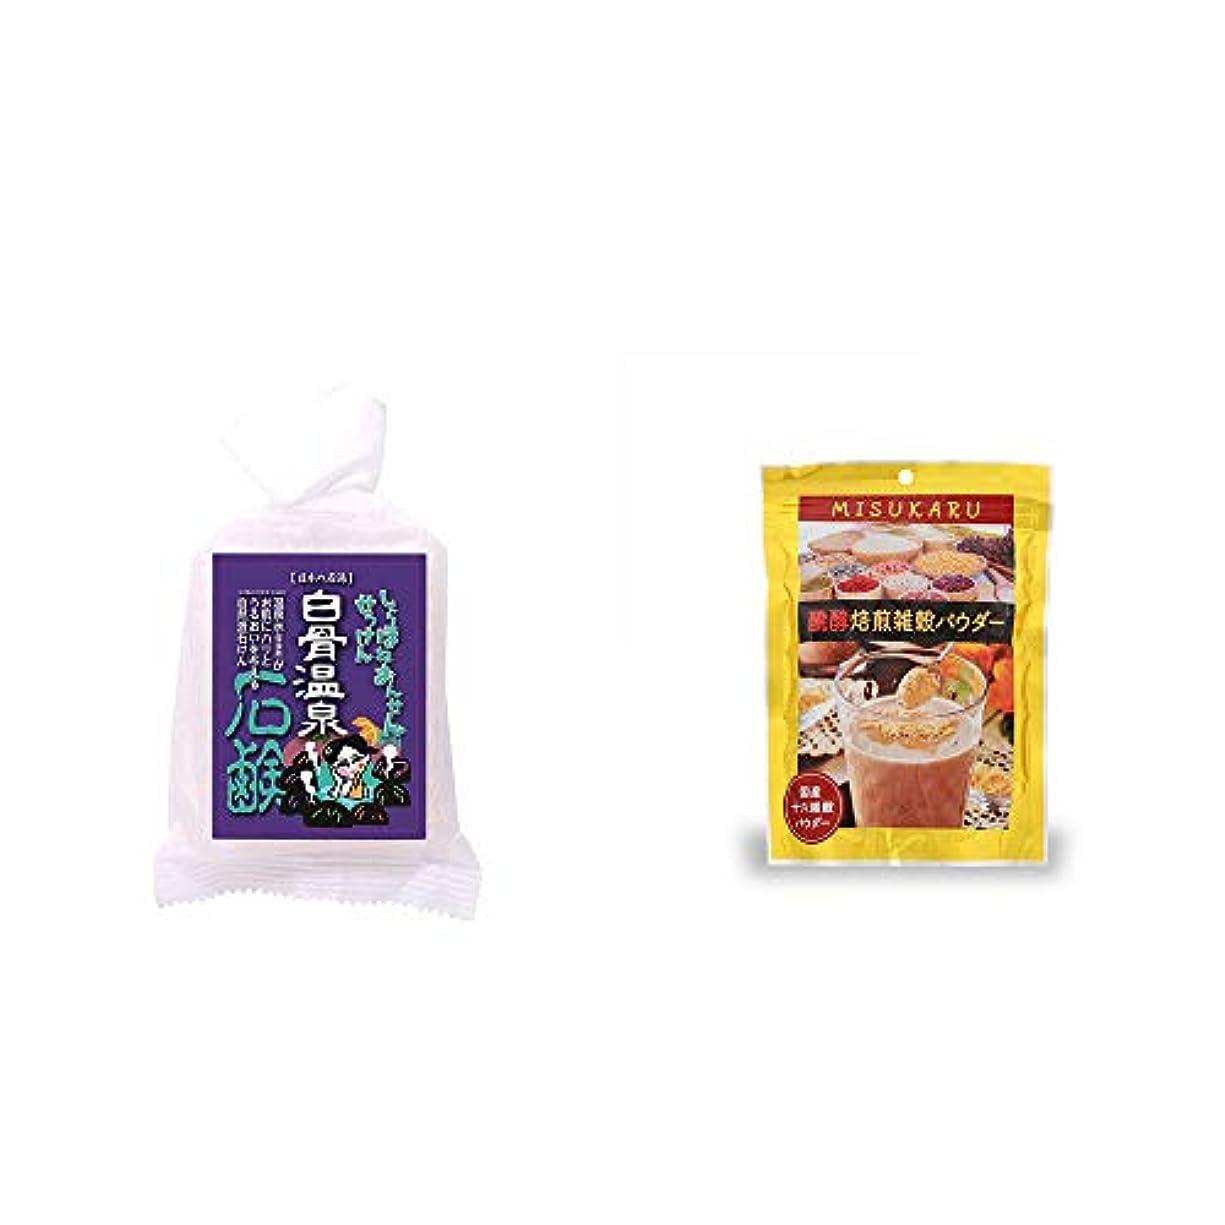 レトルト凝視継承[2点セット] 信州 白骨温泉石鹸(80g)?醗酵焙煎雑穀パウダー MISUKARU(ミスカル)(200g)